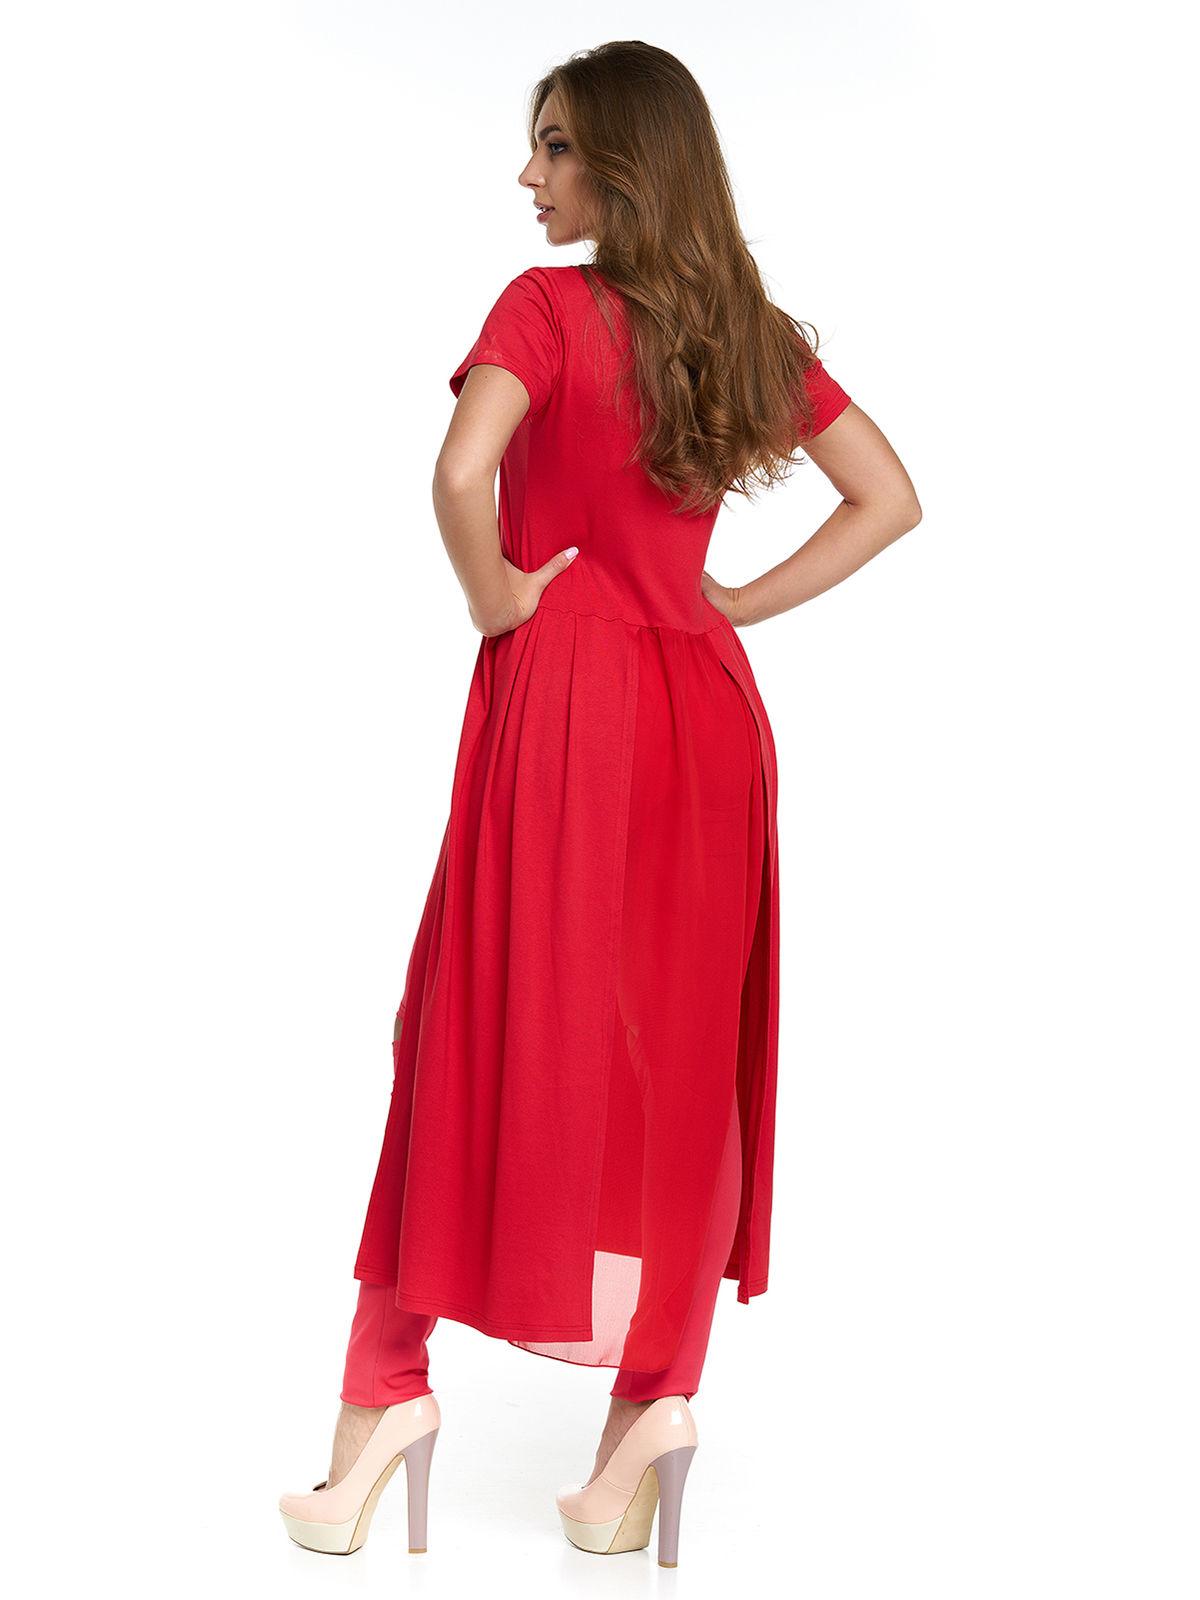 Туніка червона з принтом | 3299644 | фото 2